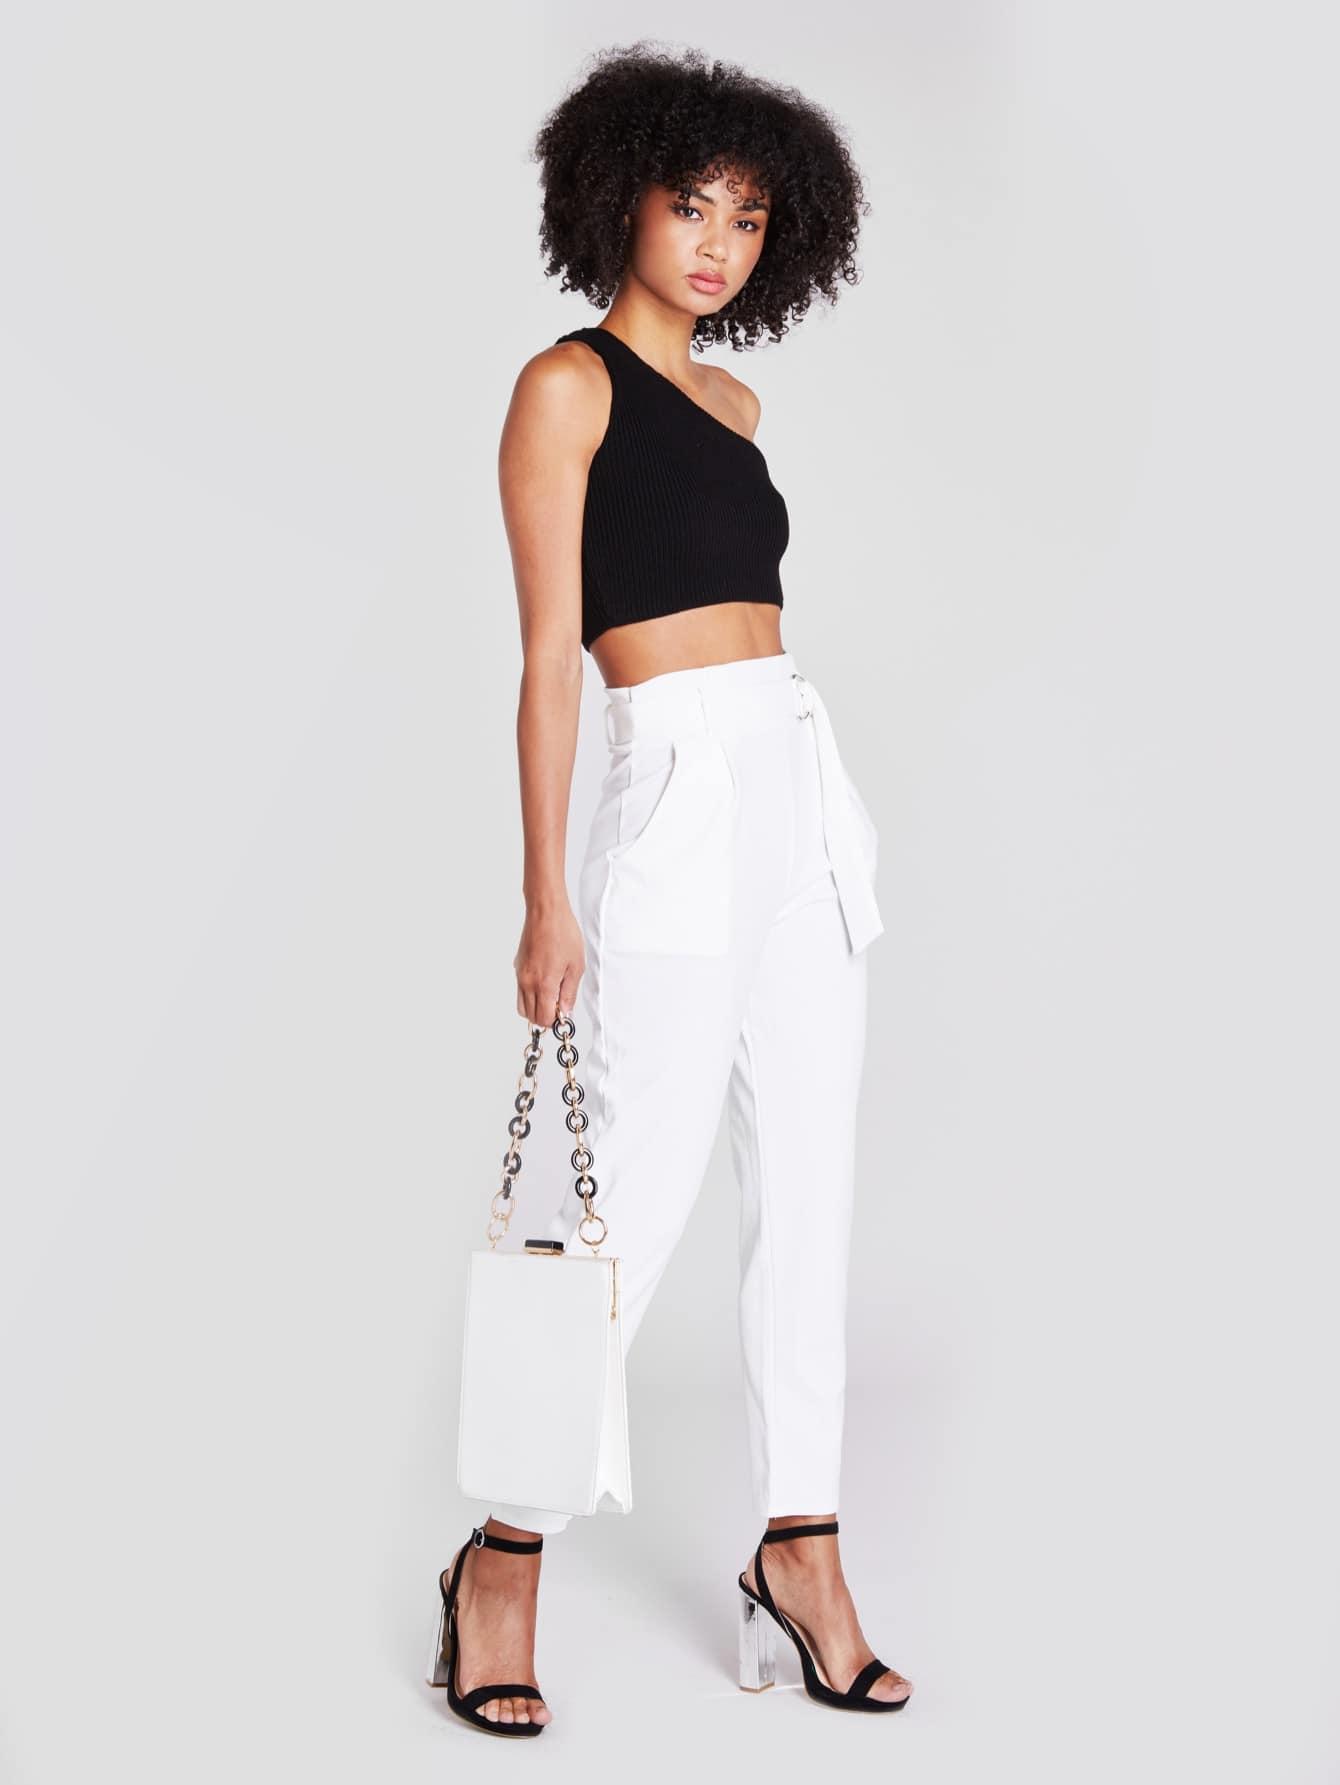 Купить Белый Карман Одноцветный Деловая одежда Брюки, Delicia Jones, SheIn